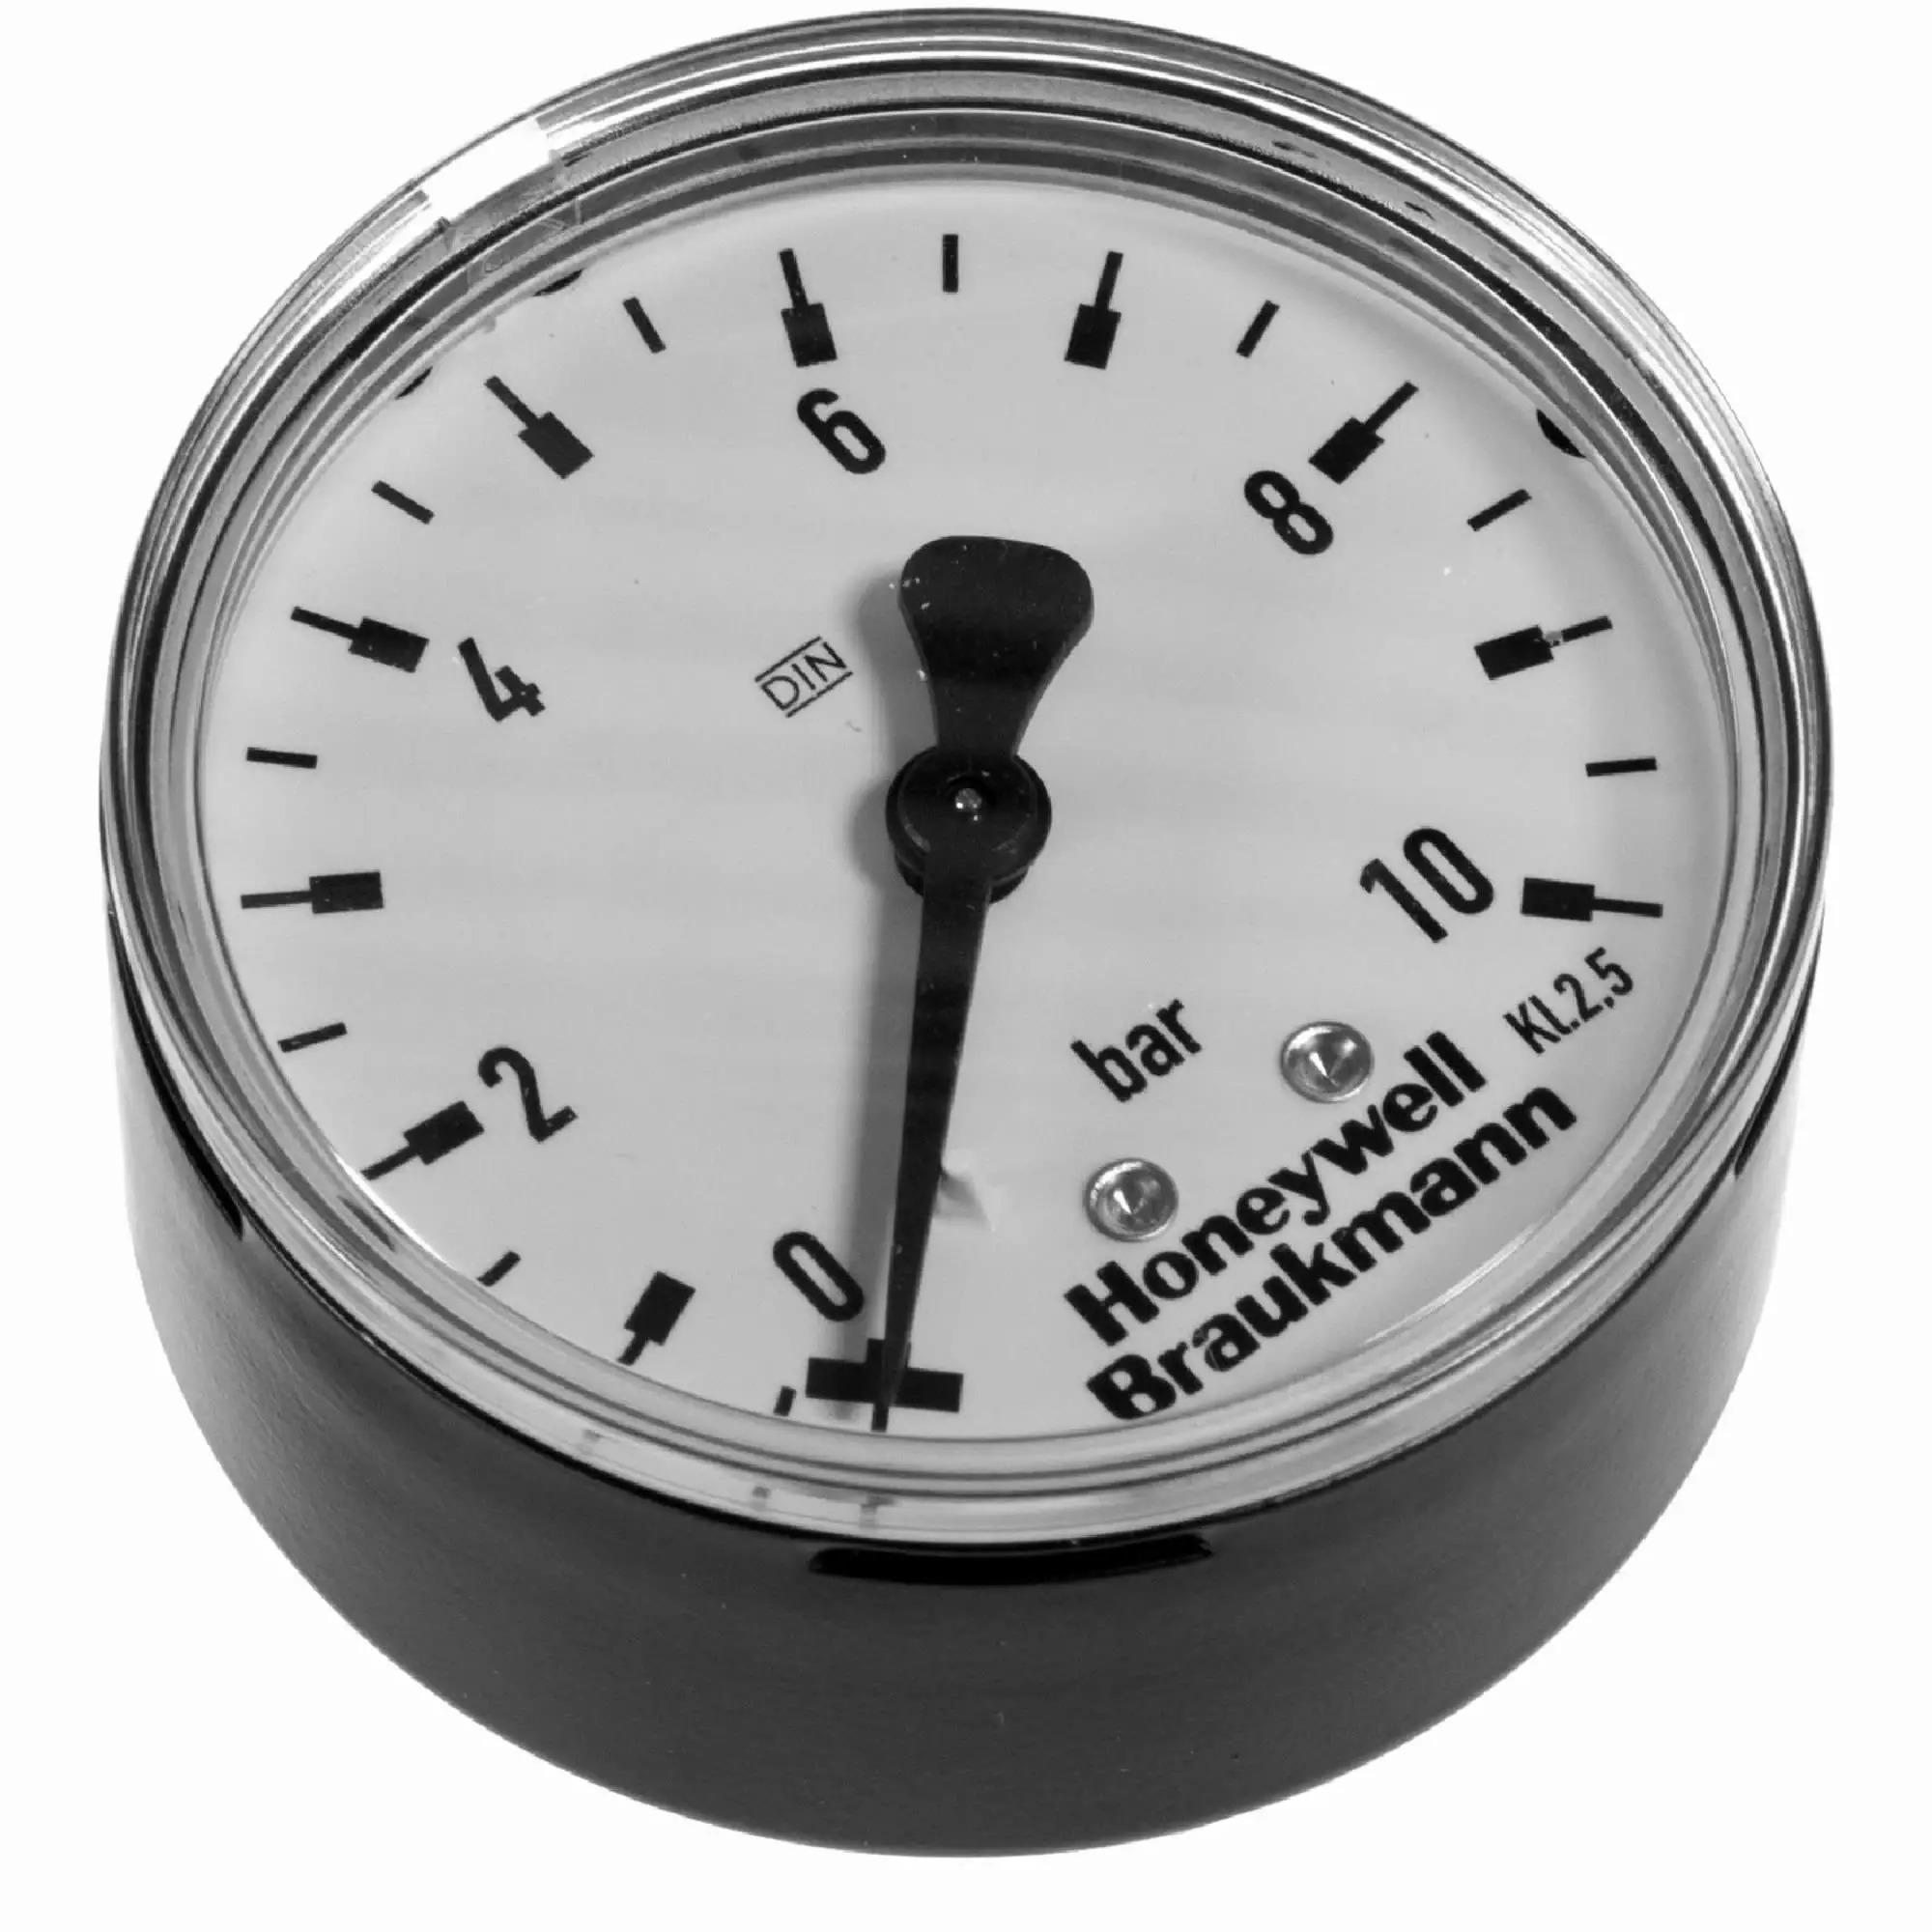 Манометр для фильтров Honeywell FK + клапан D04/D06, 1/4